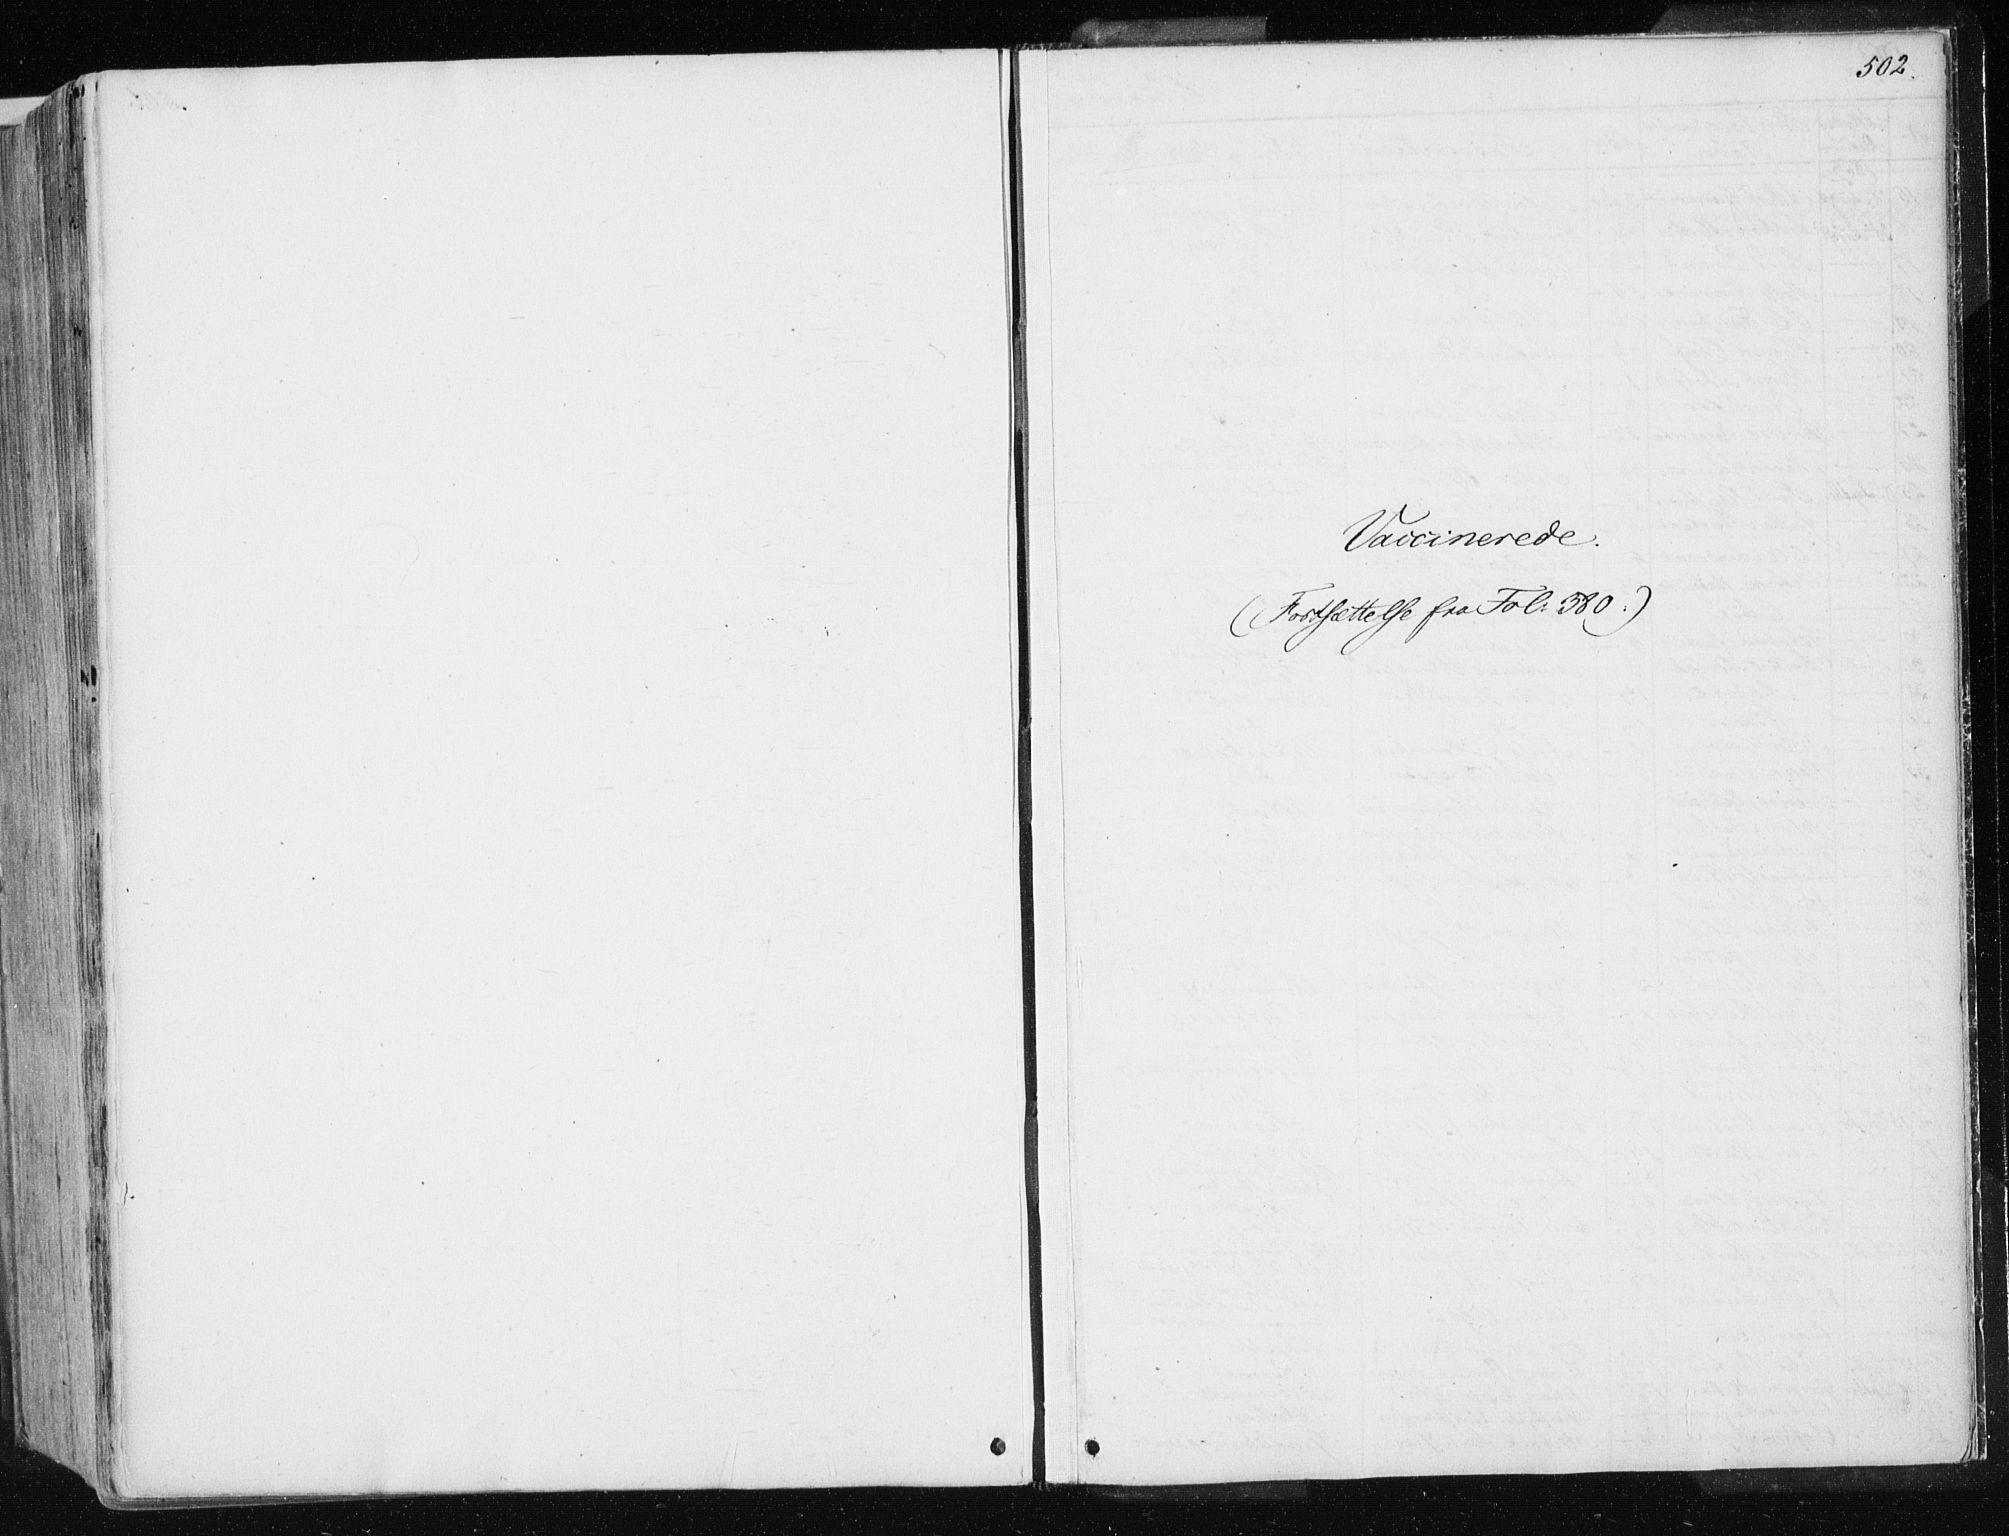 SAT, Ministerialprotokoller, klokkerbøker og fødselsregistre - Nord-Trøndelag, 741/L0393: Ministerialbok nr. 741A07, 1849-1863, s. 502